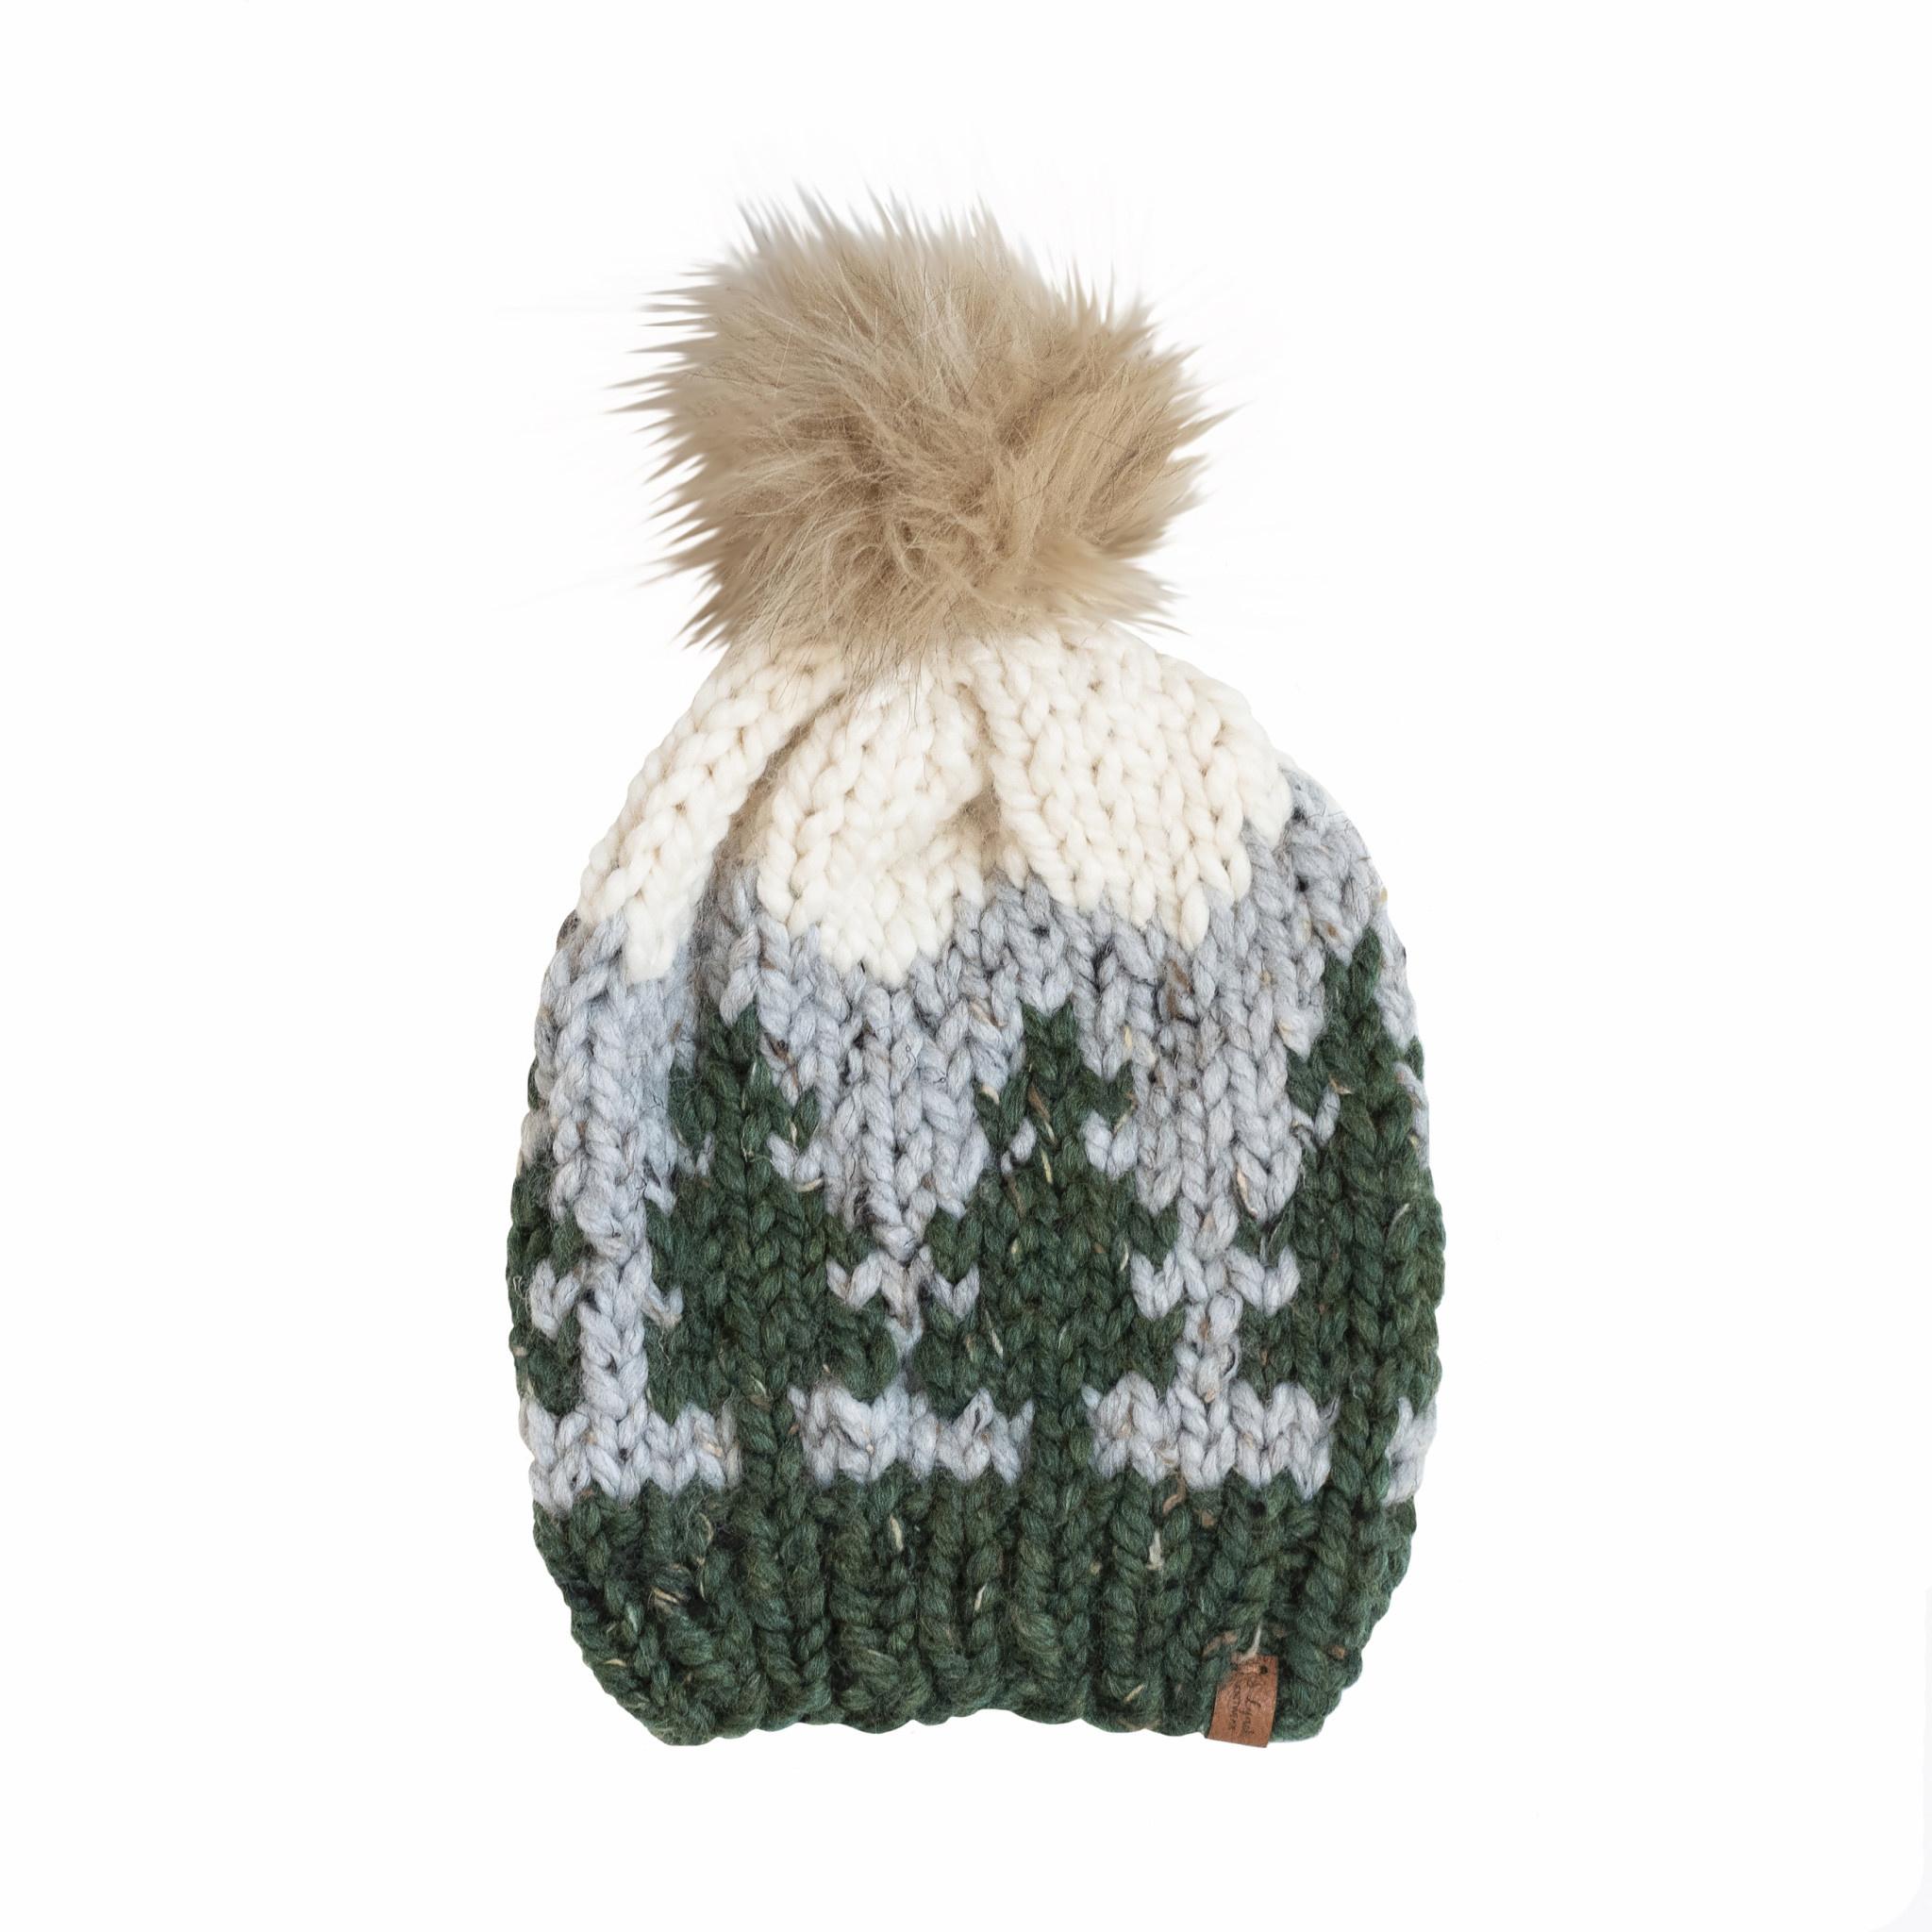 S. Lynch Knitwear S. Lynch Knitwear Adult Hat - Dorset